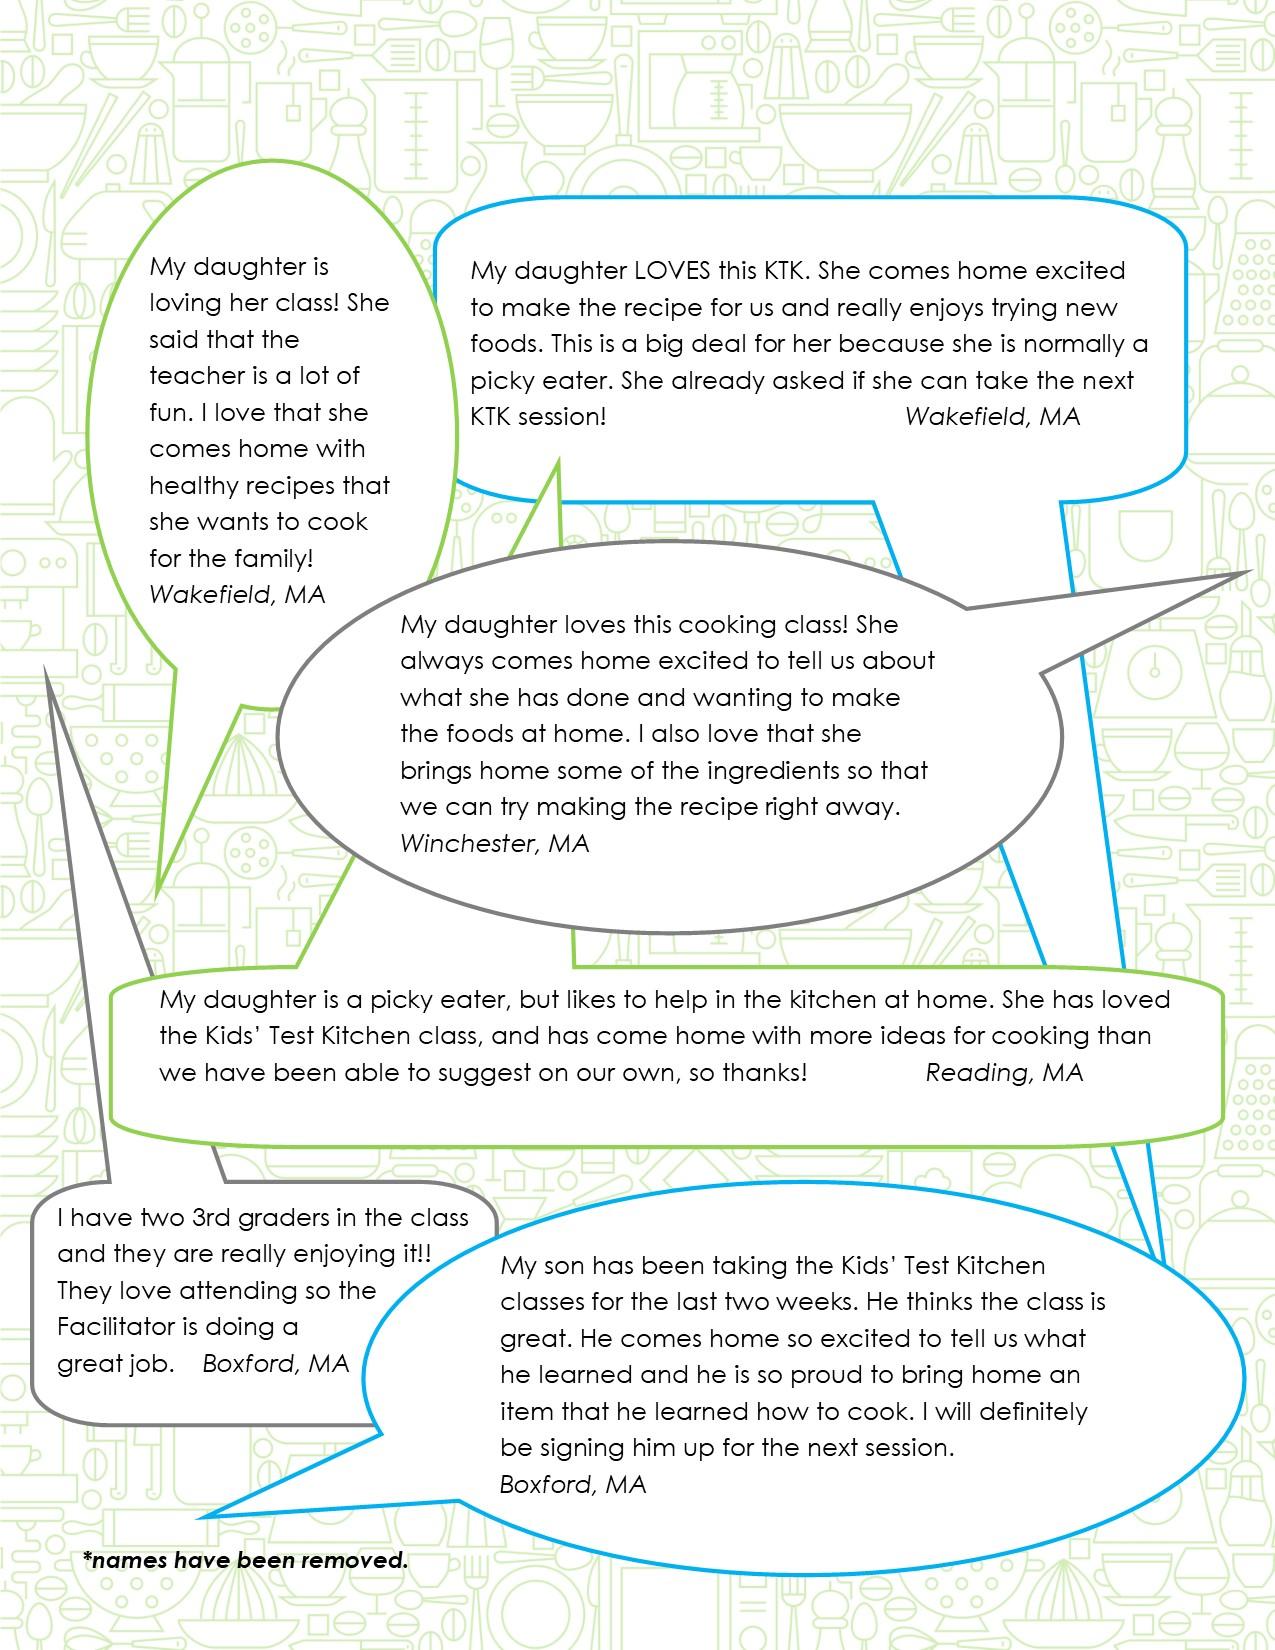 Kind words - Kids' Test Kitchen